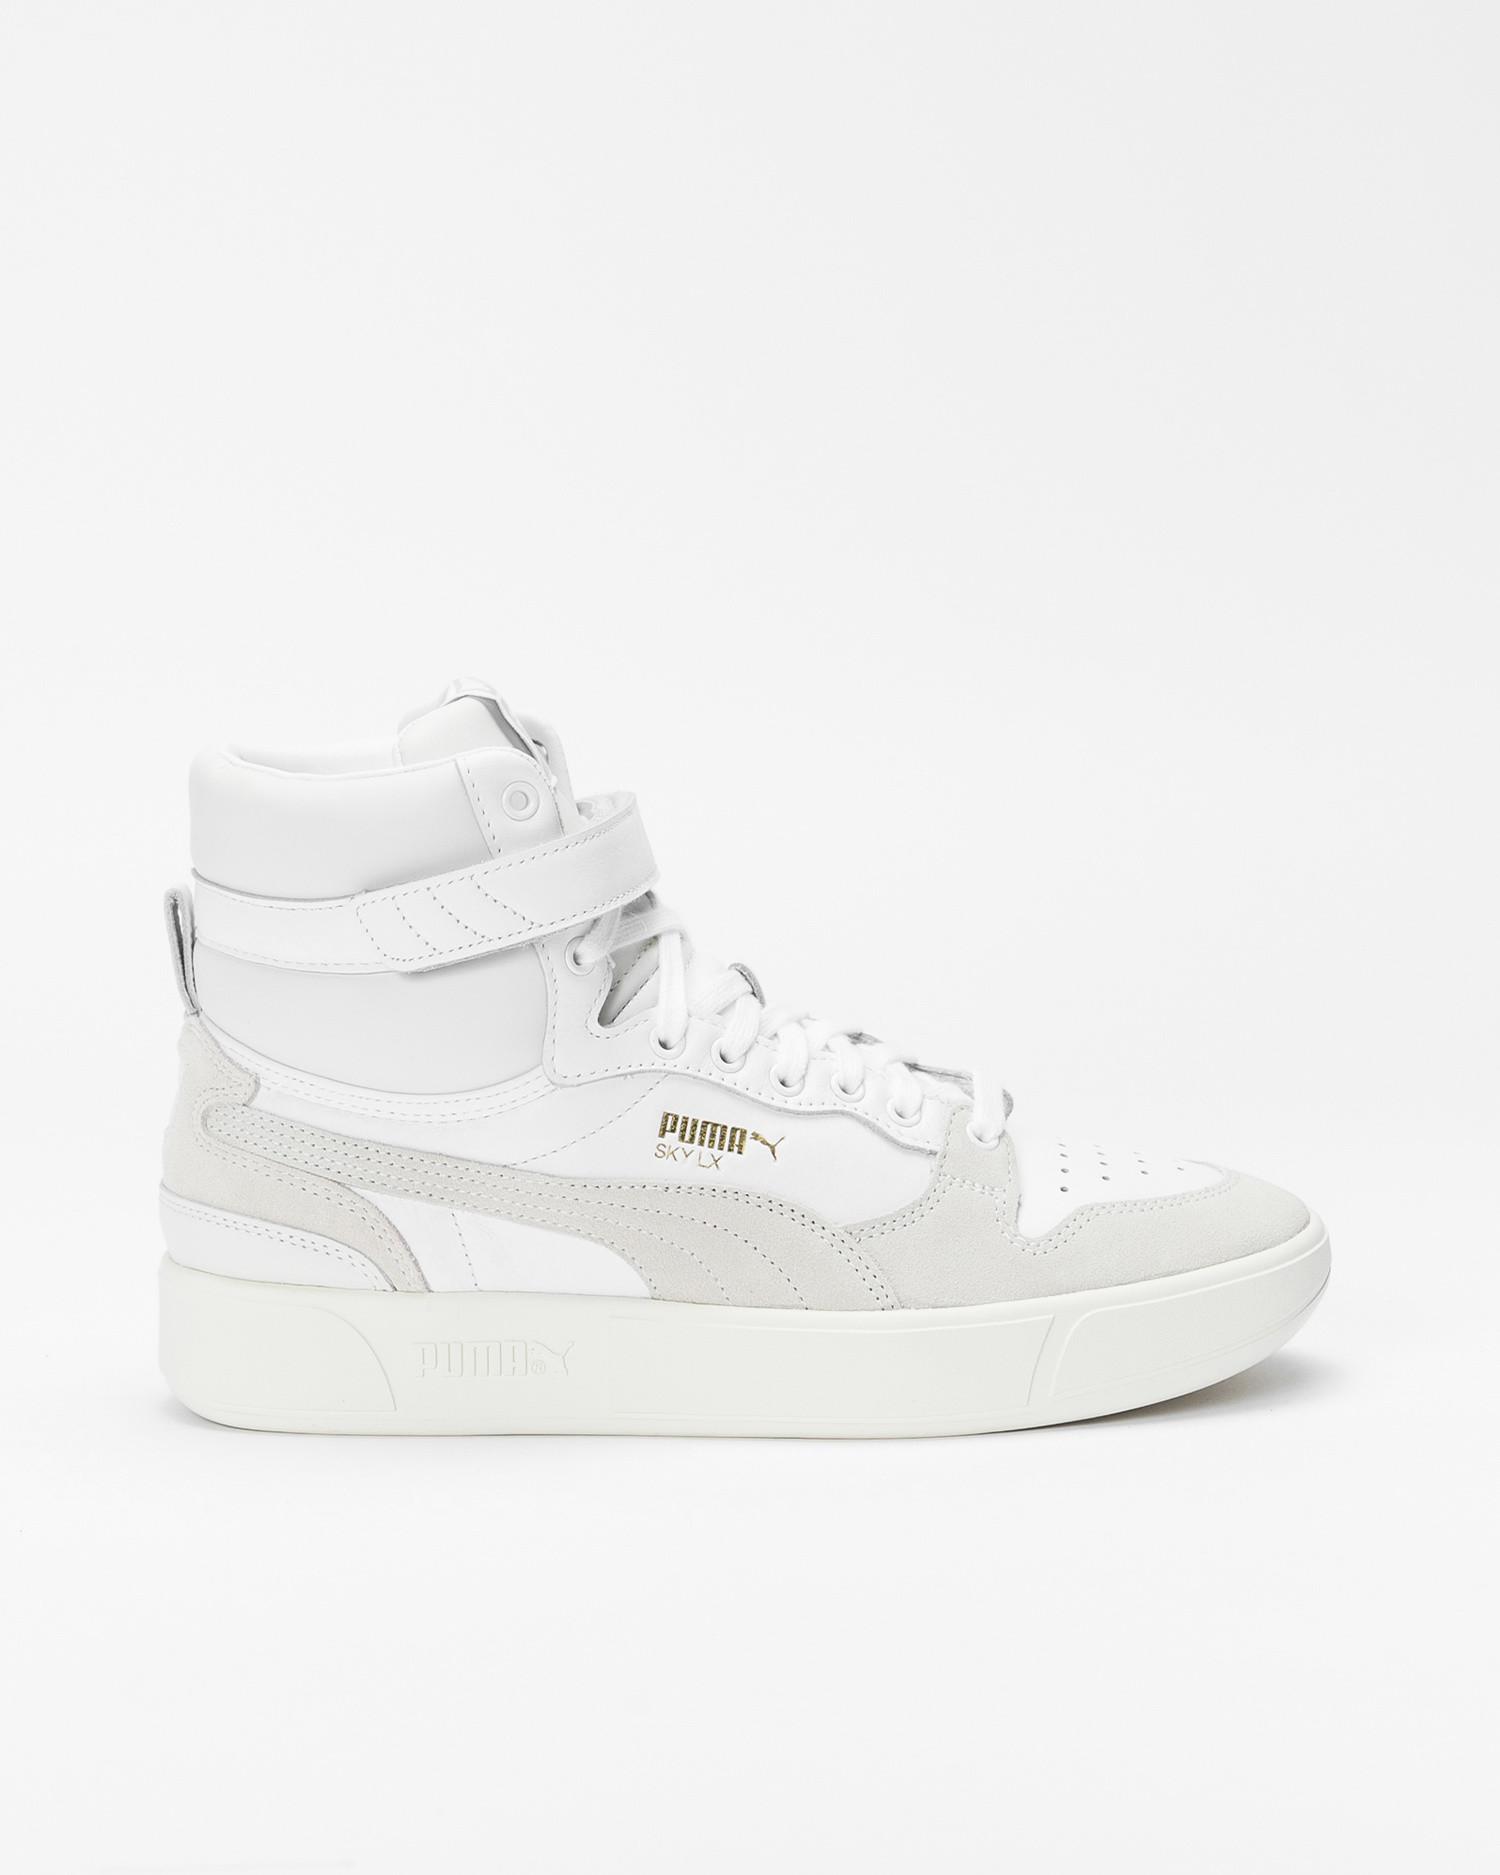 Puma LX Mid Lux White/whisper white